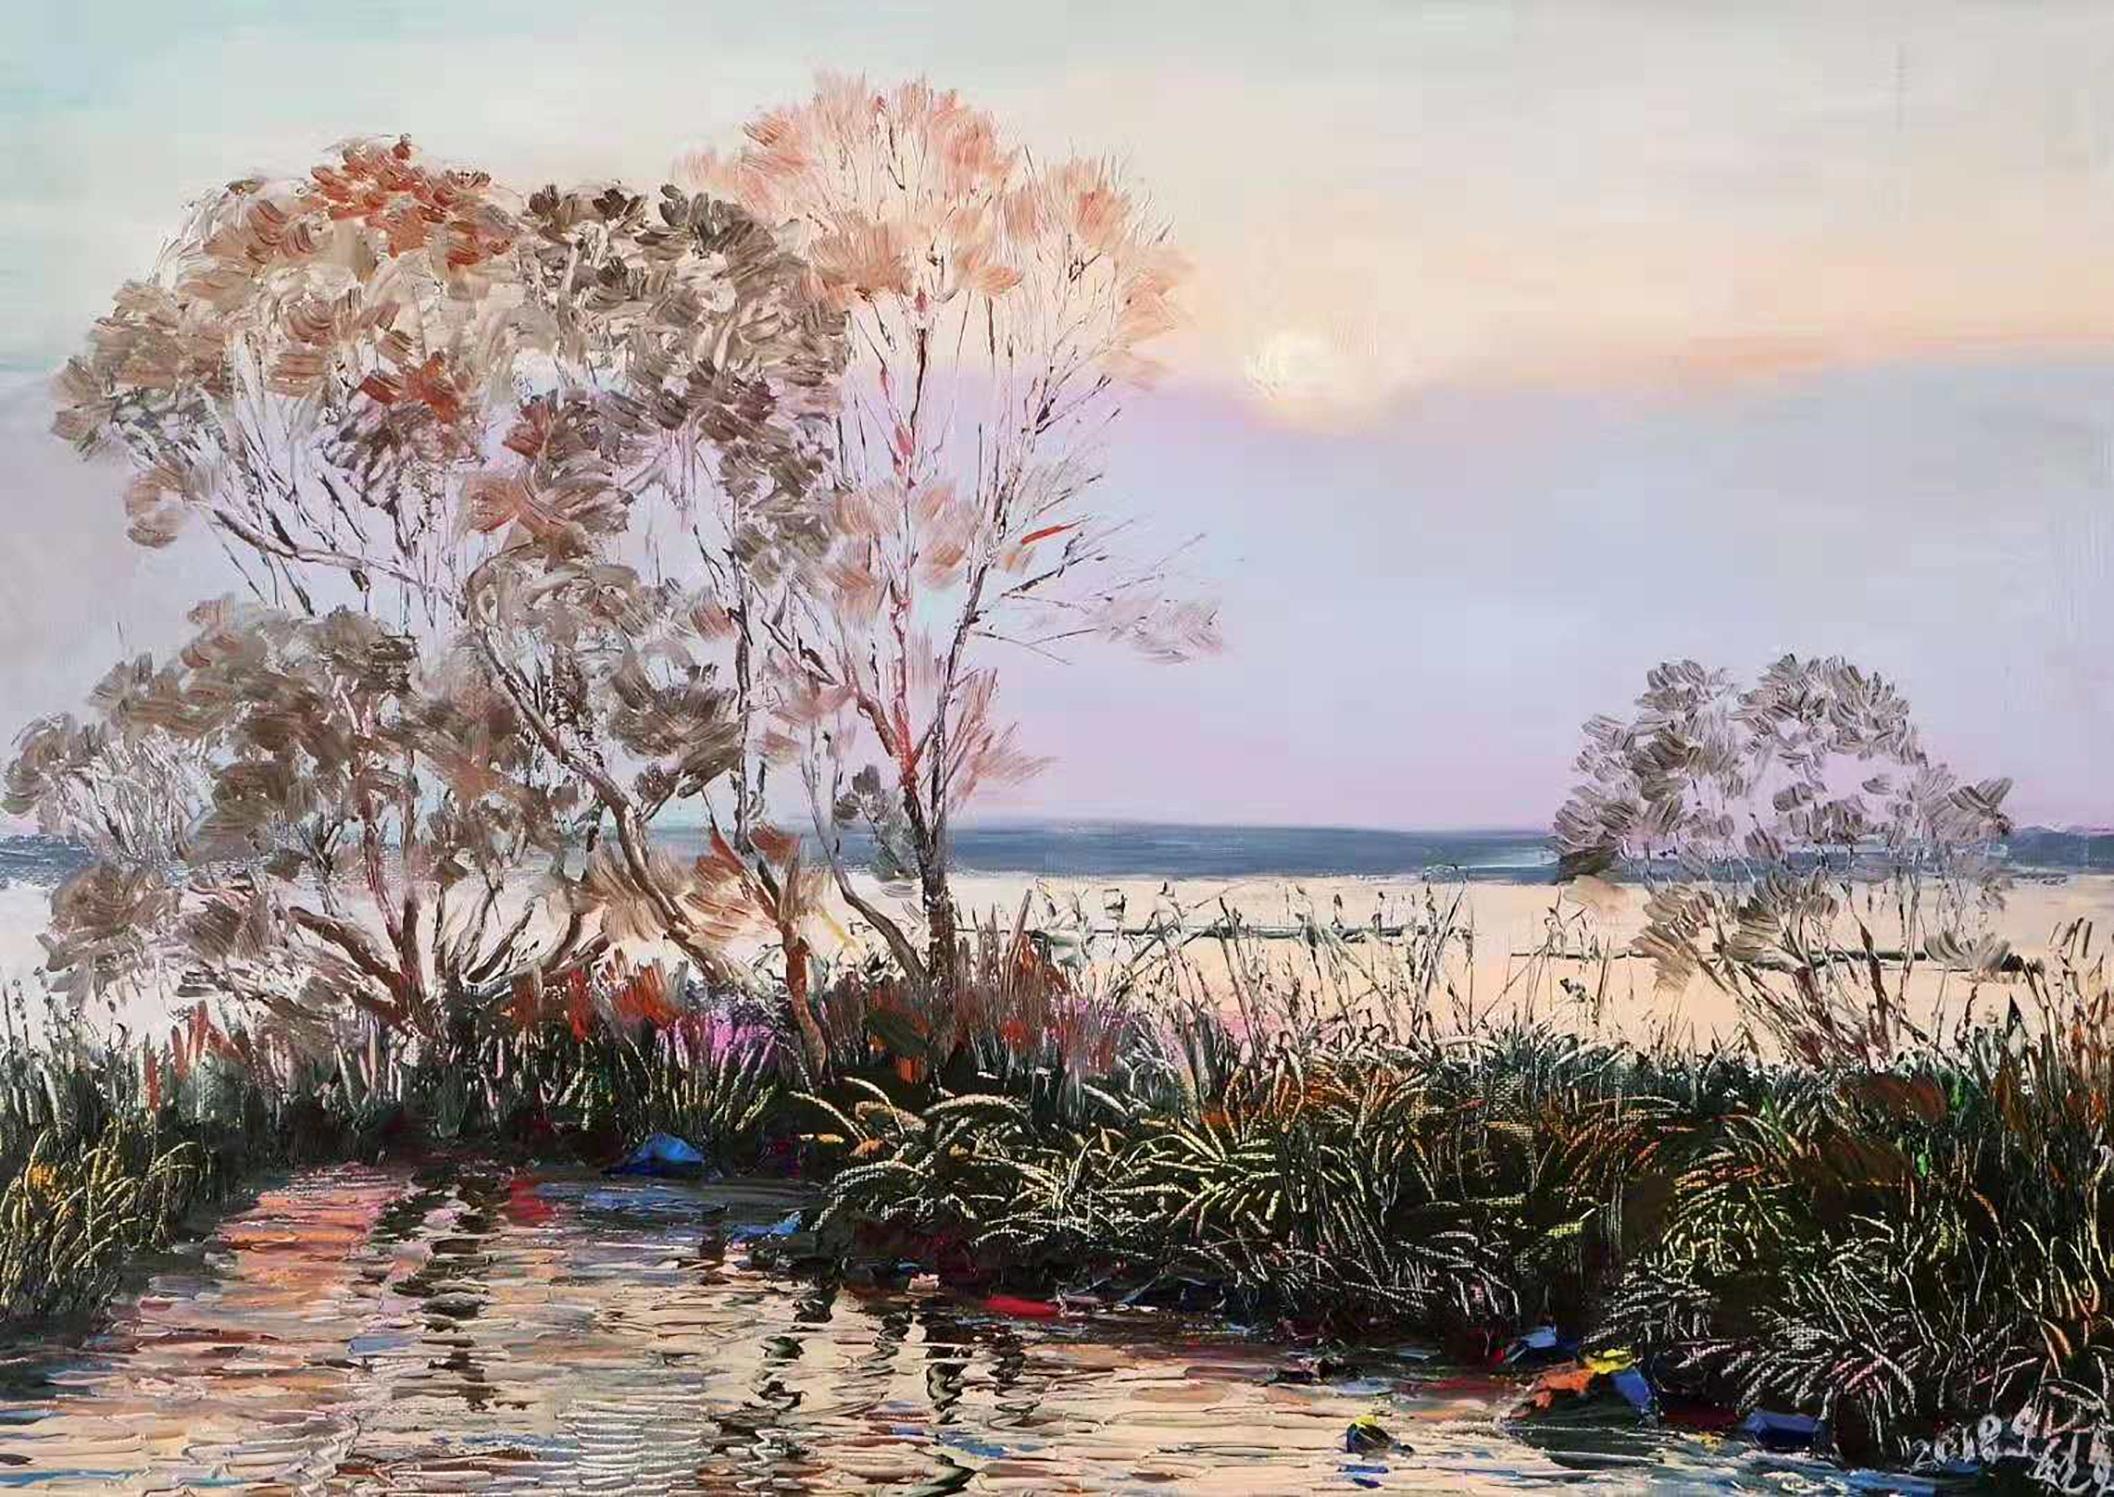 油画:一组描绘桥,鸭子,朝霞和激流的风景画